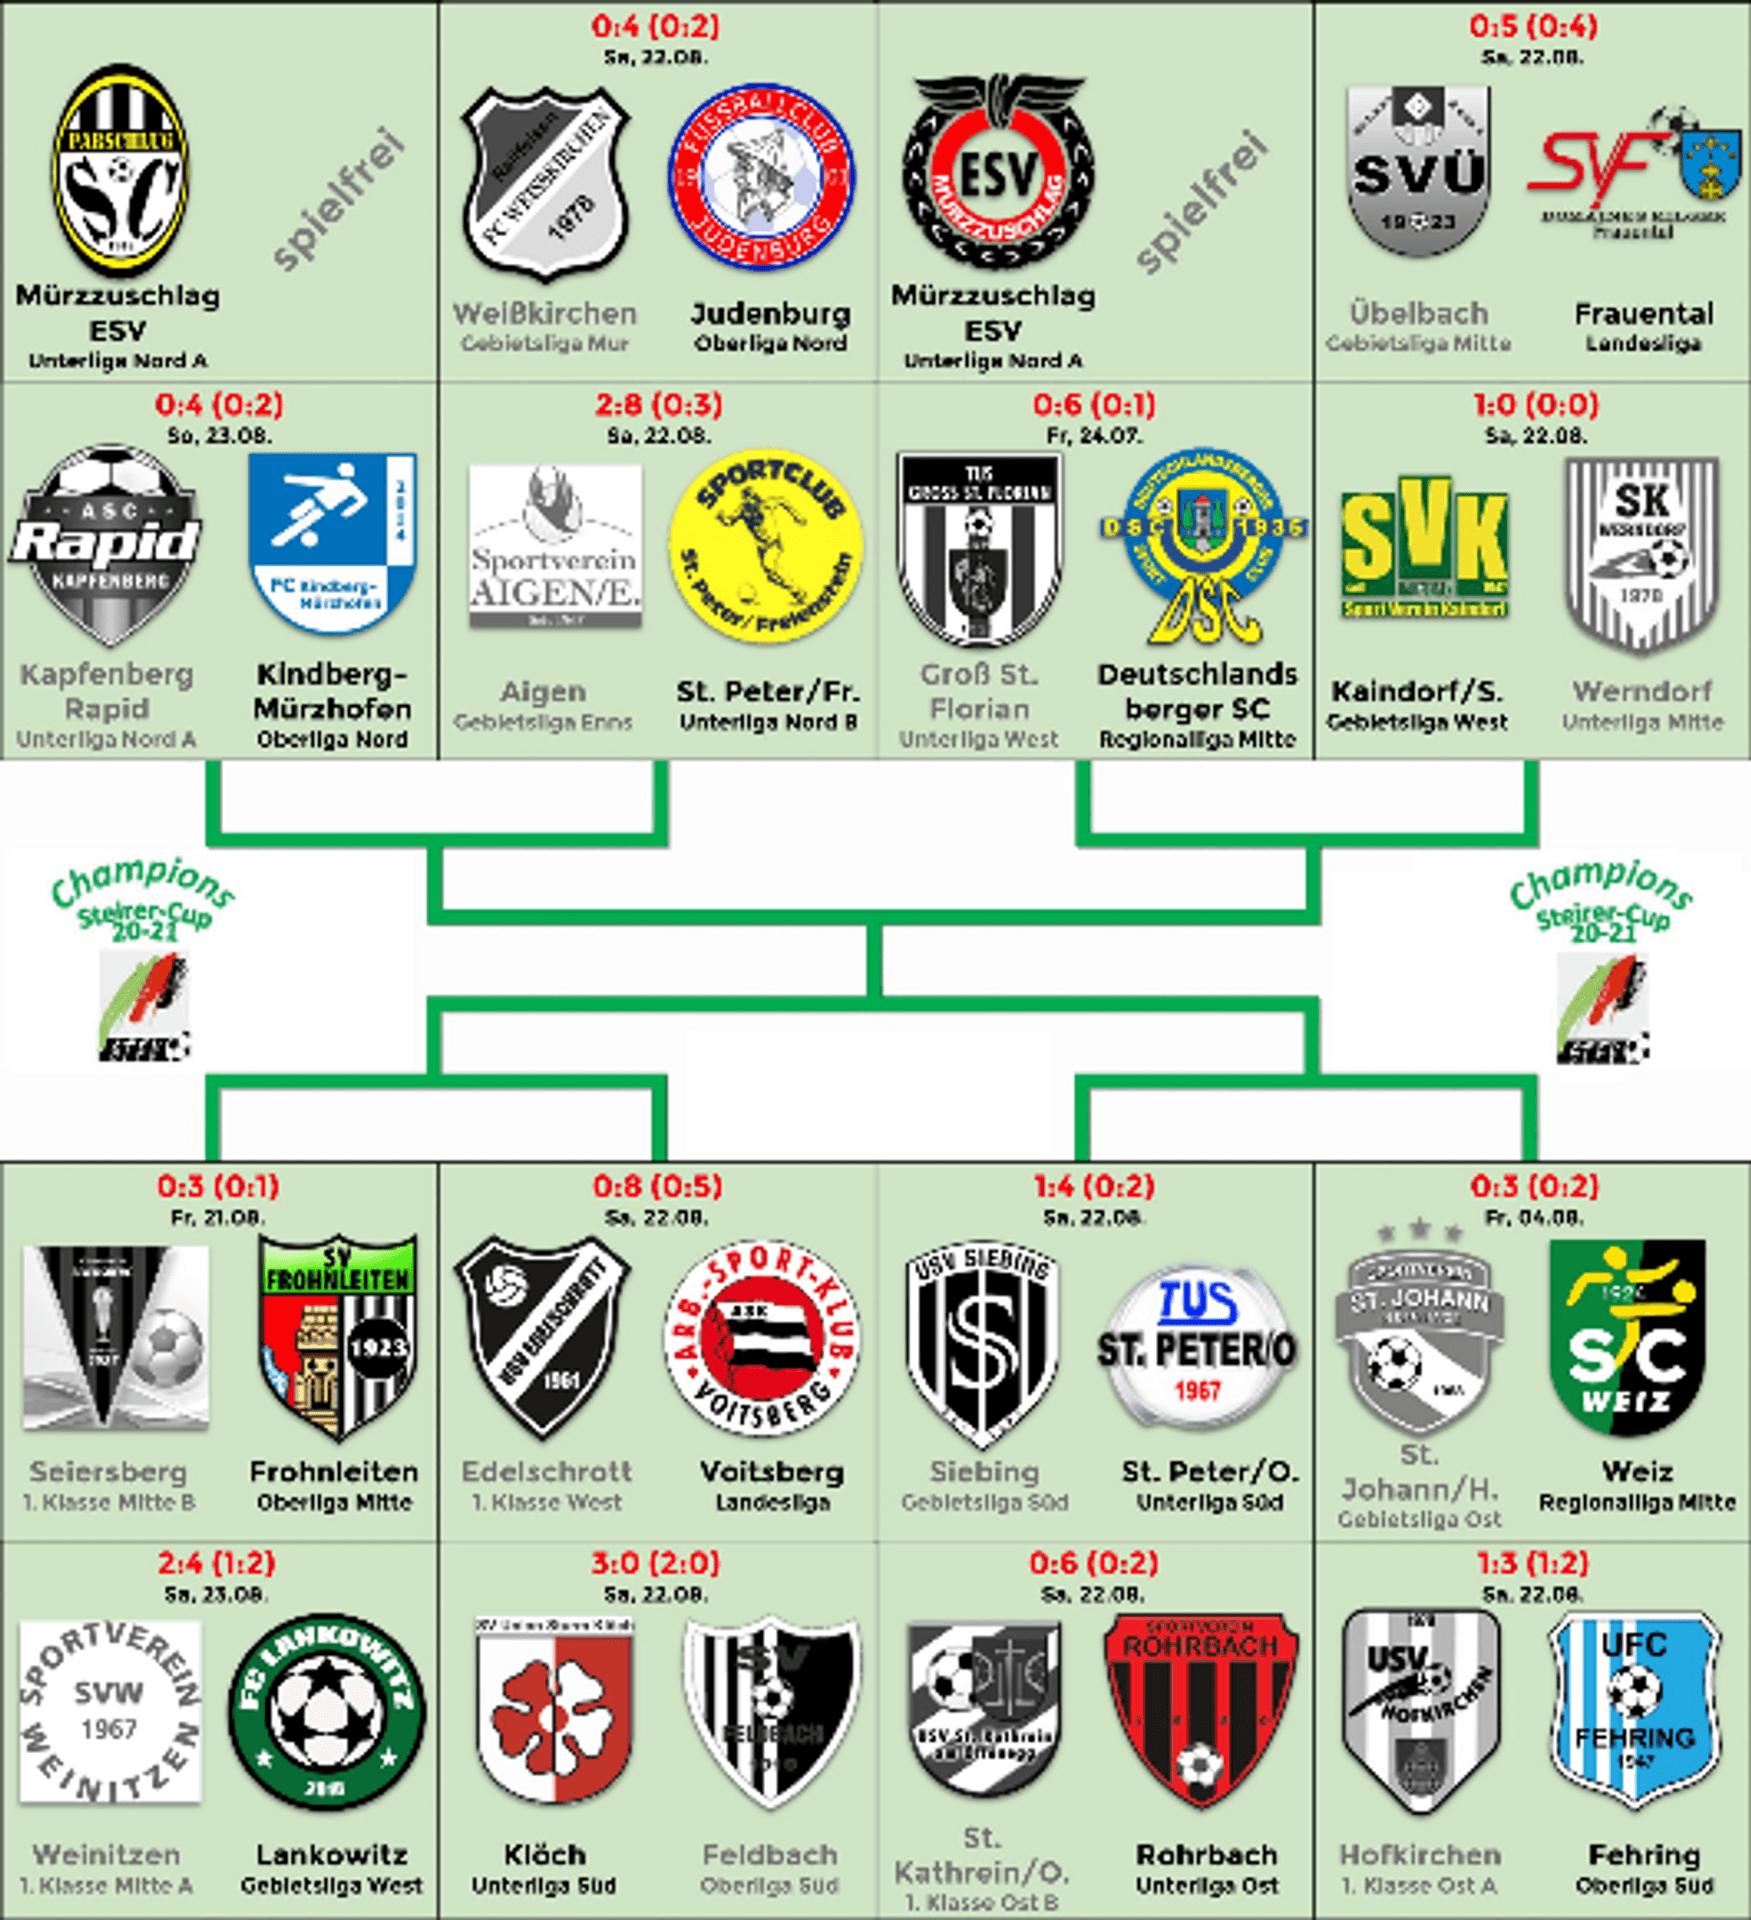 Ergebnisse der ersten Champions-Steirer-Cup Runde